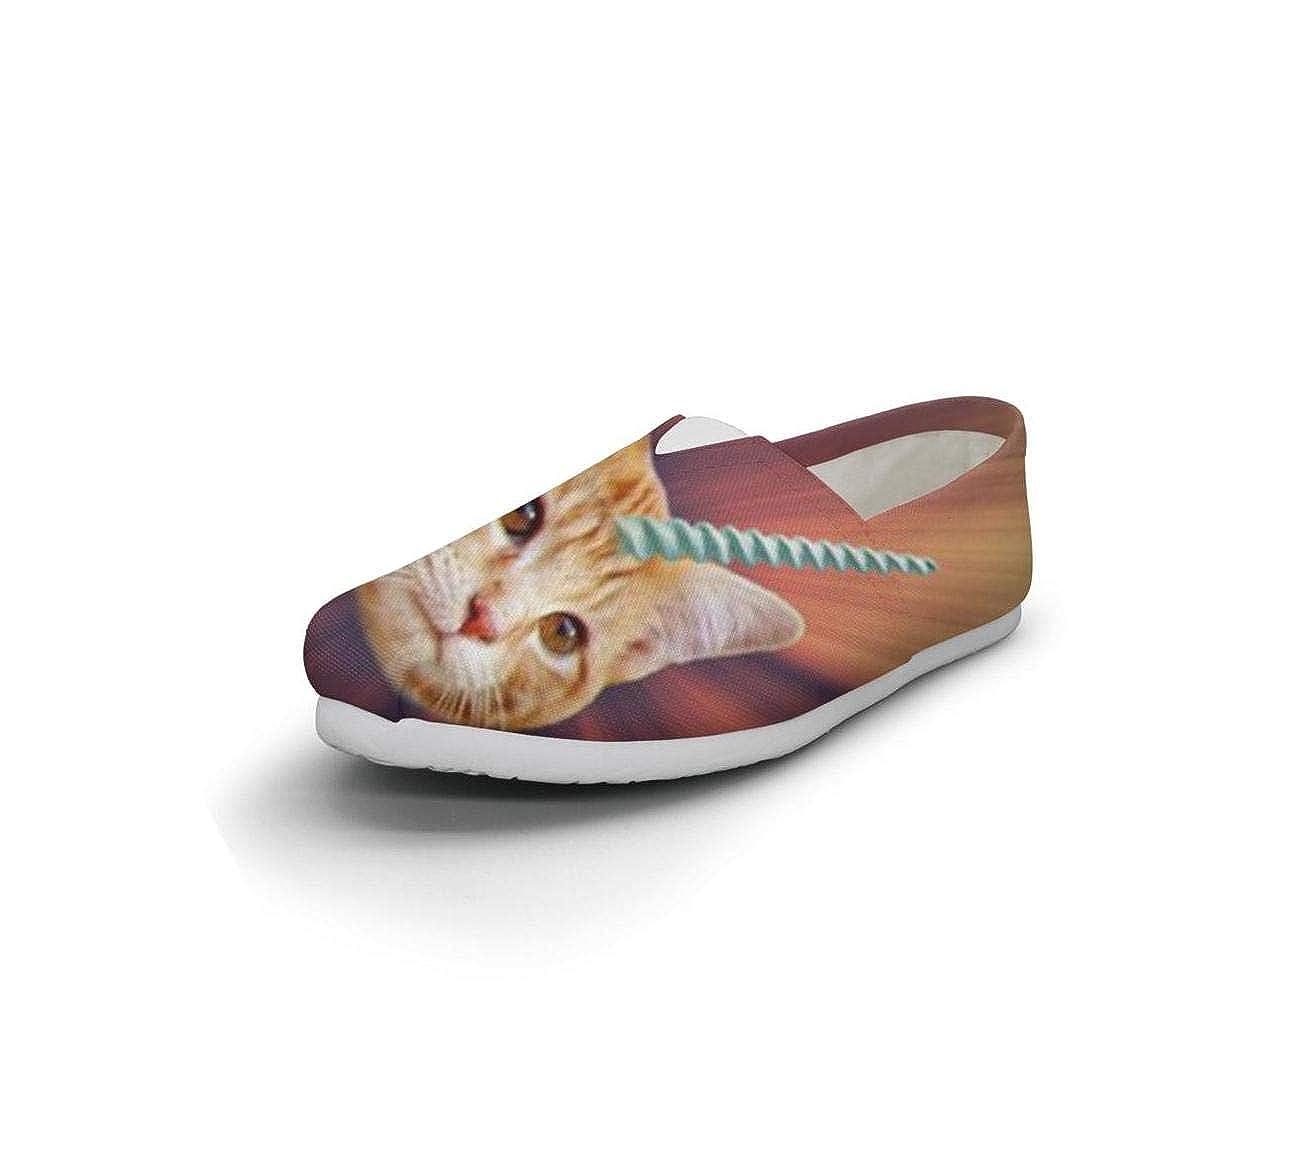 Unicorn cat Seasonal Classics Womens Comfort Flat Slip on Shoes Girls Loafer Shoes